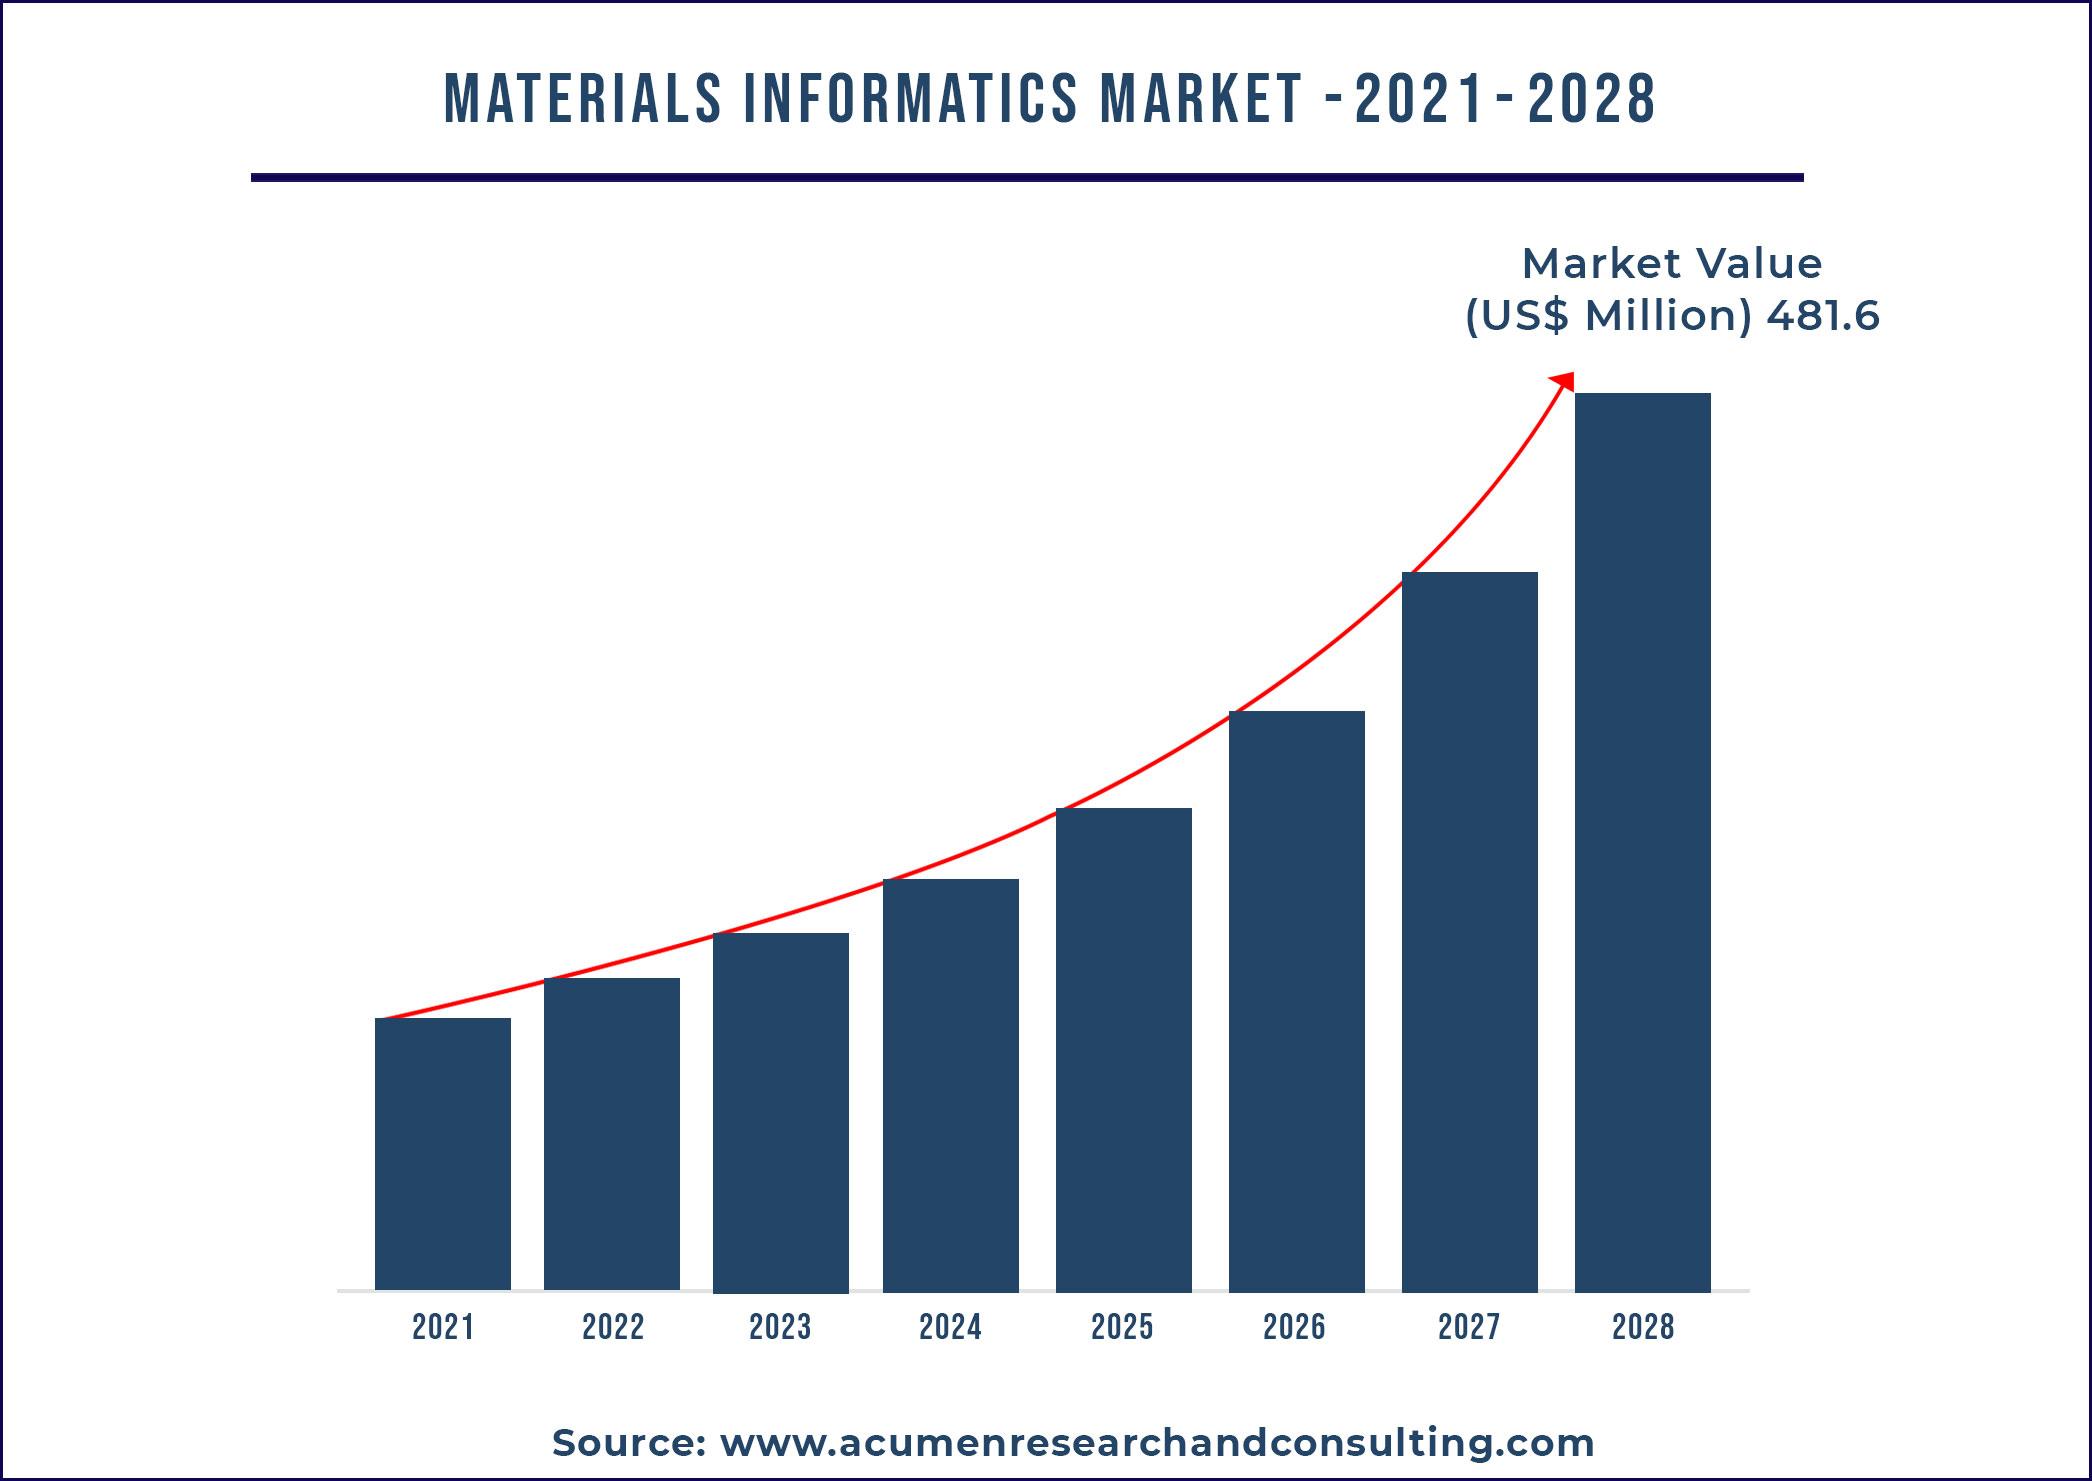 Materials Informatics Market Size 2021-2028